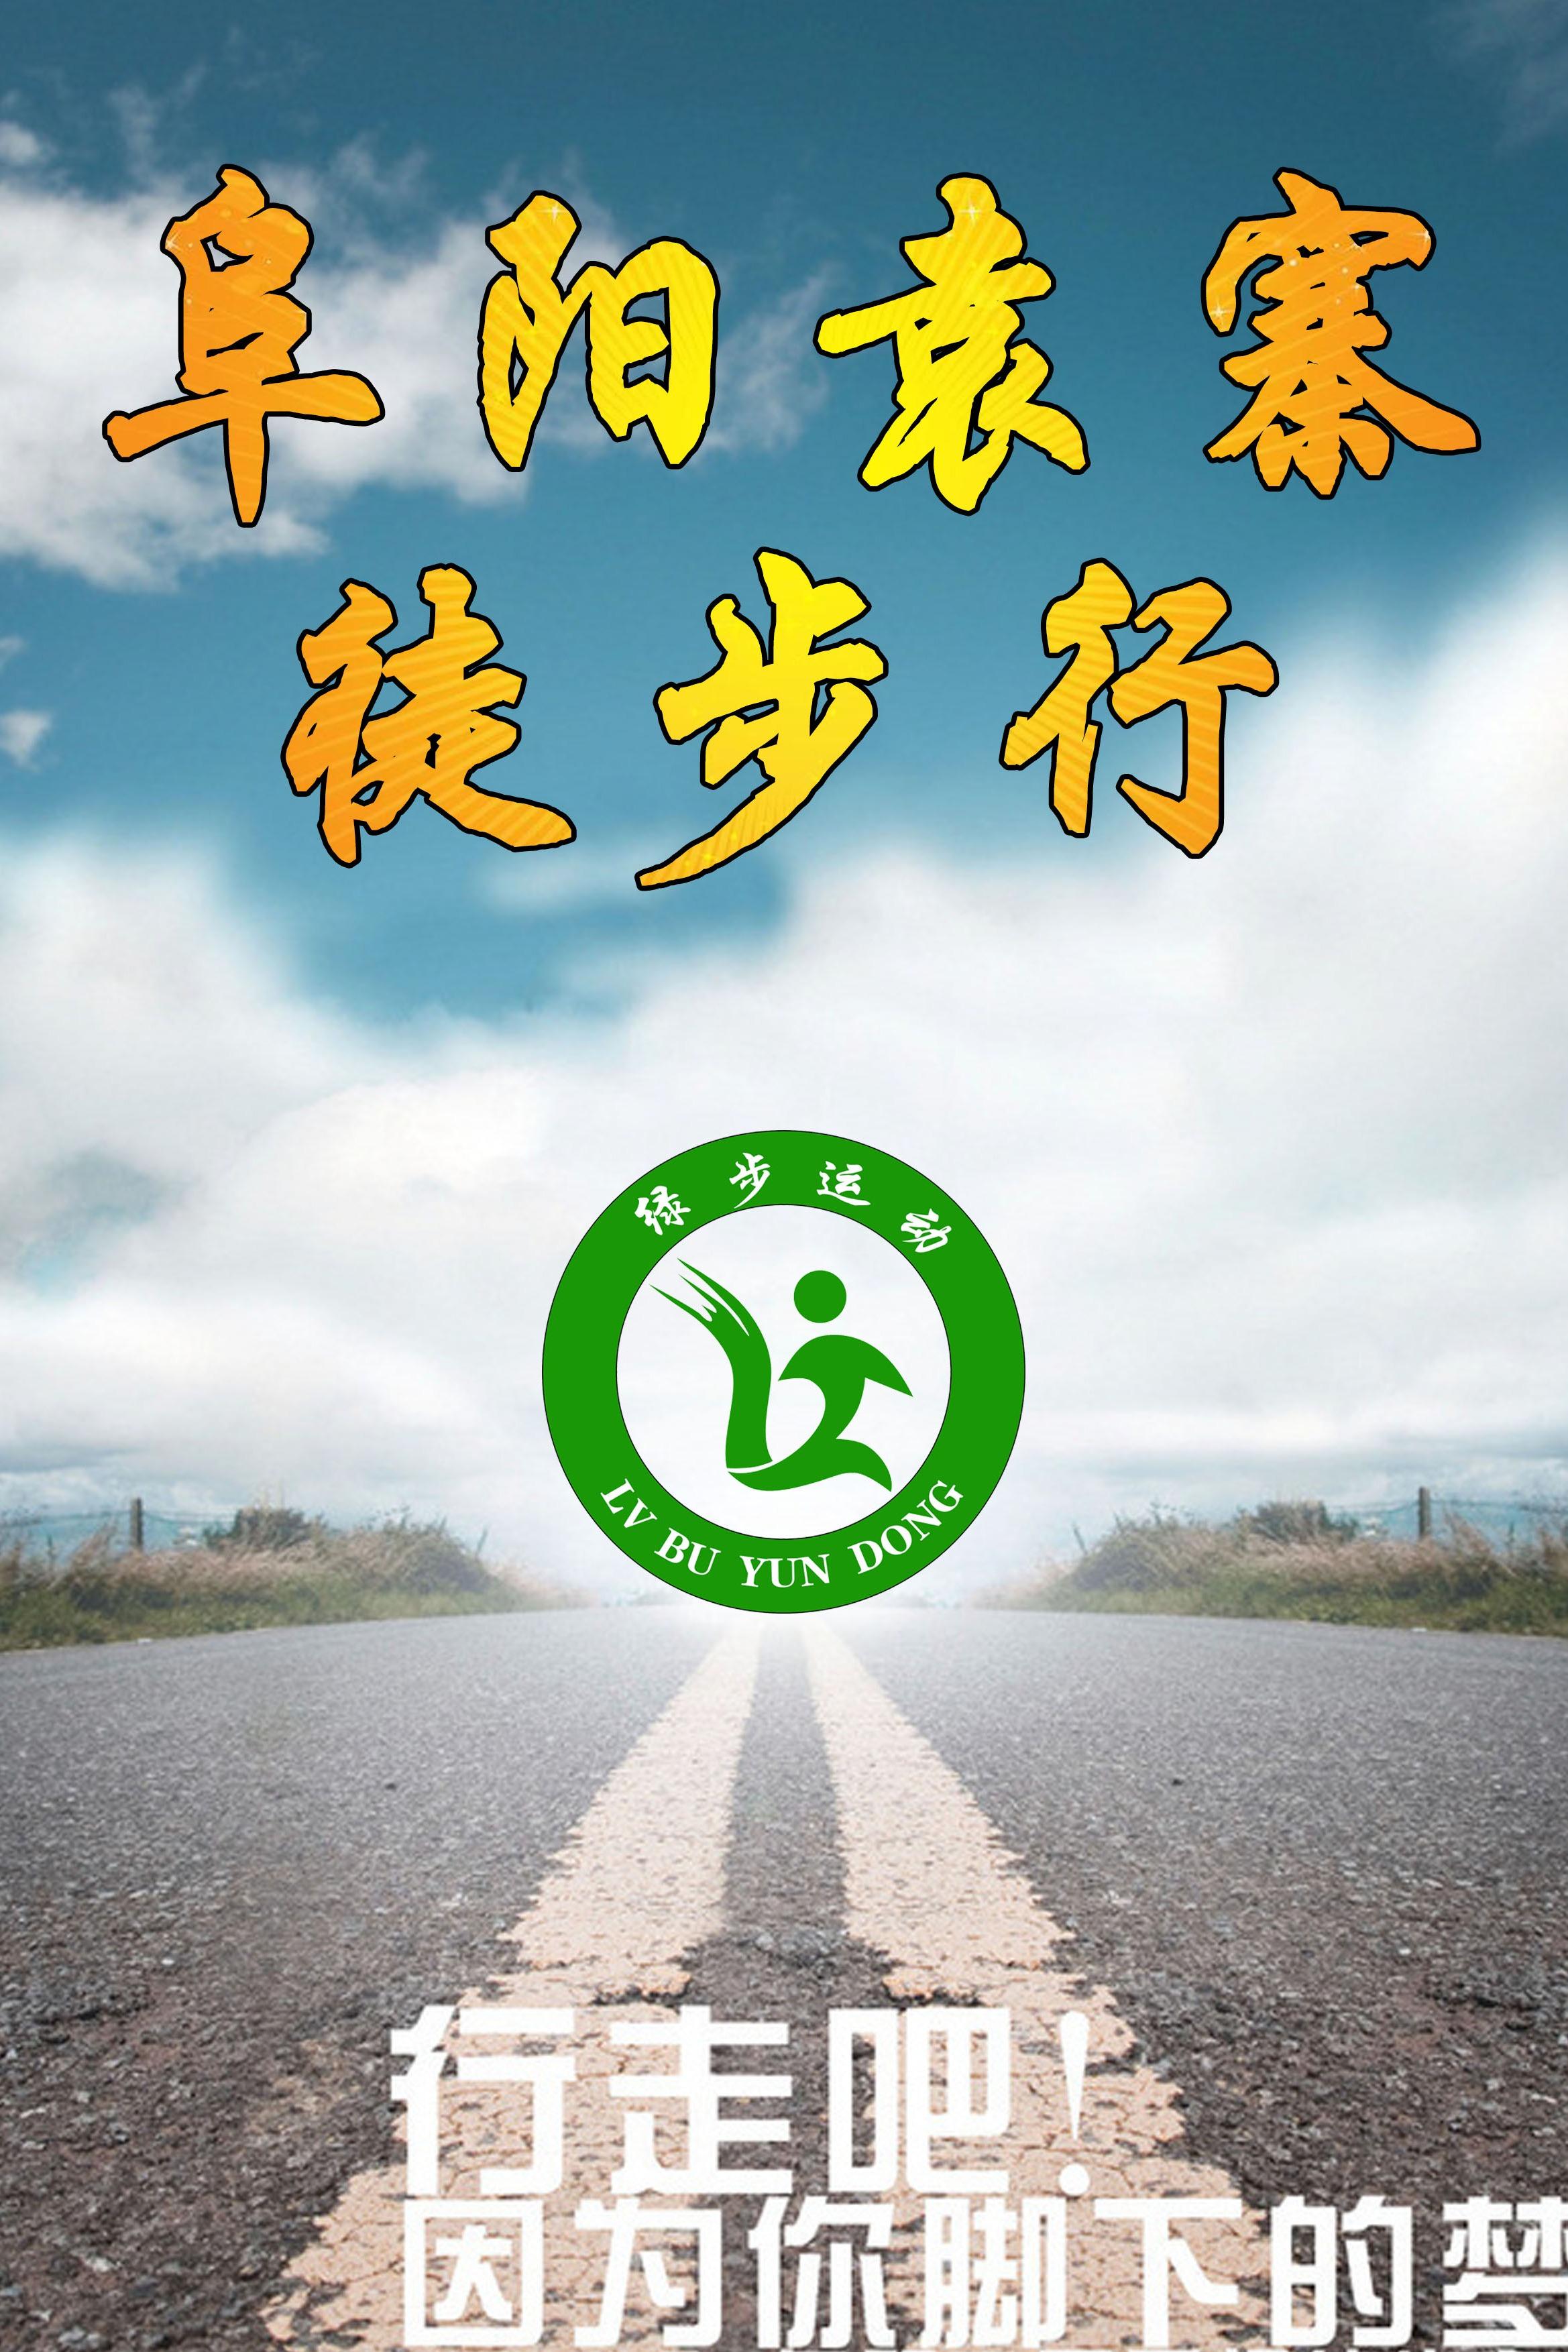 阜阳绿色徒步群第164次徒步袁寨活动